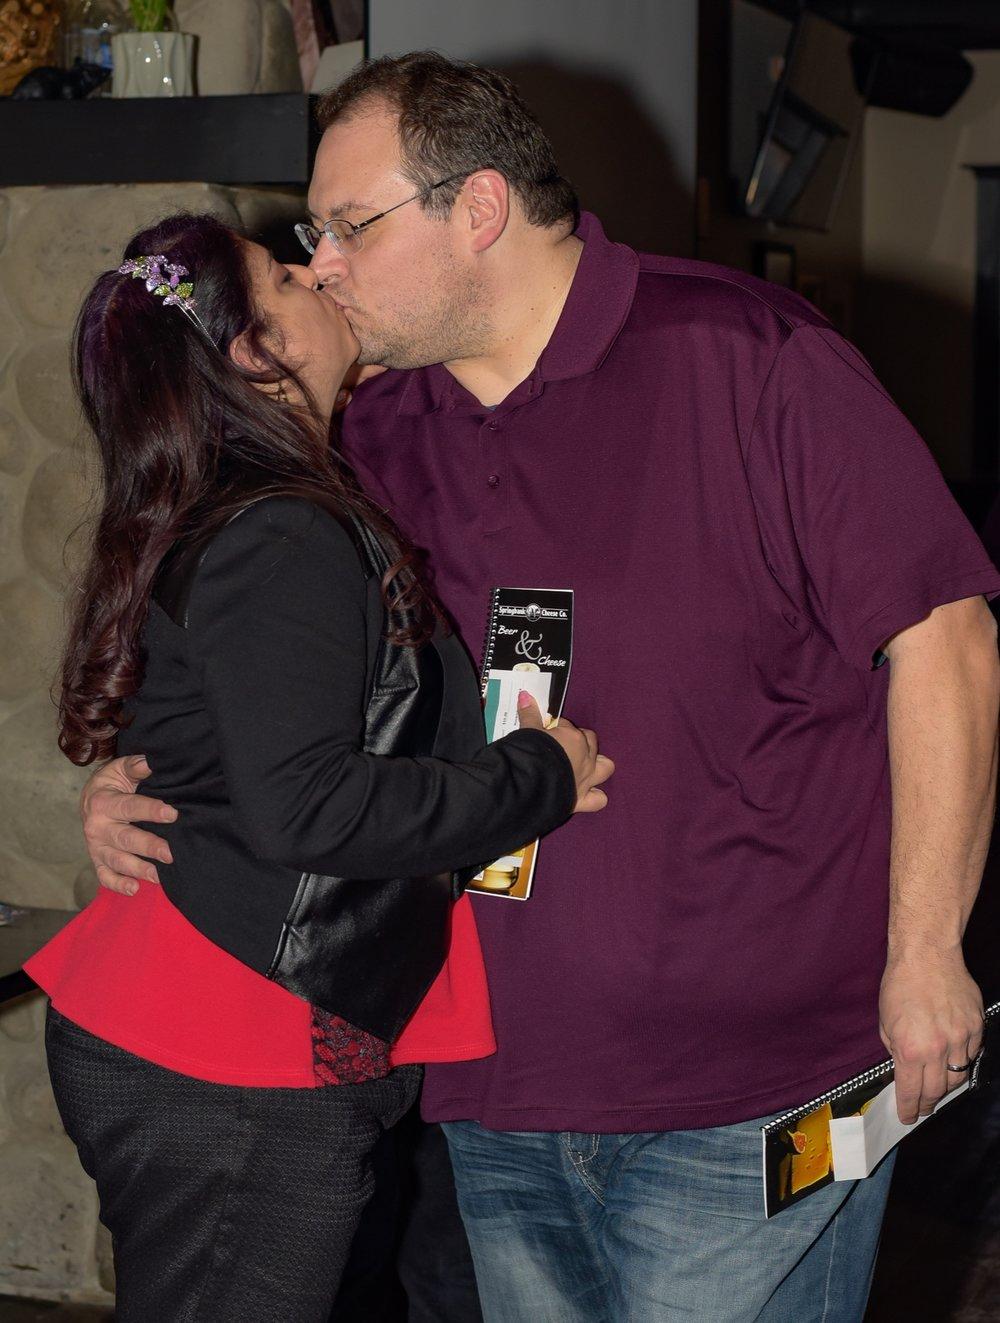 Cupid kiss!